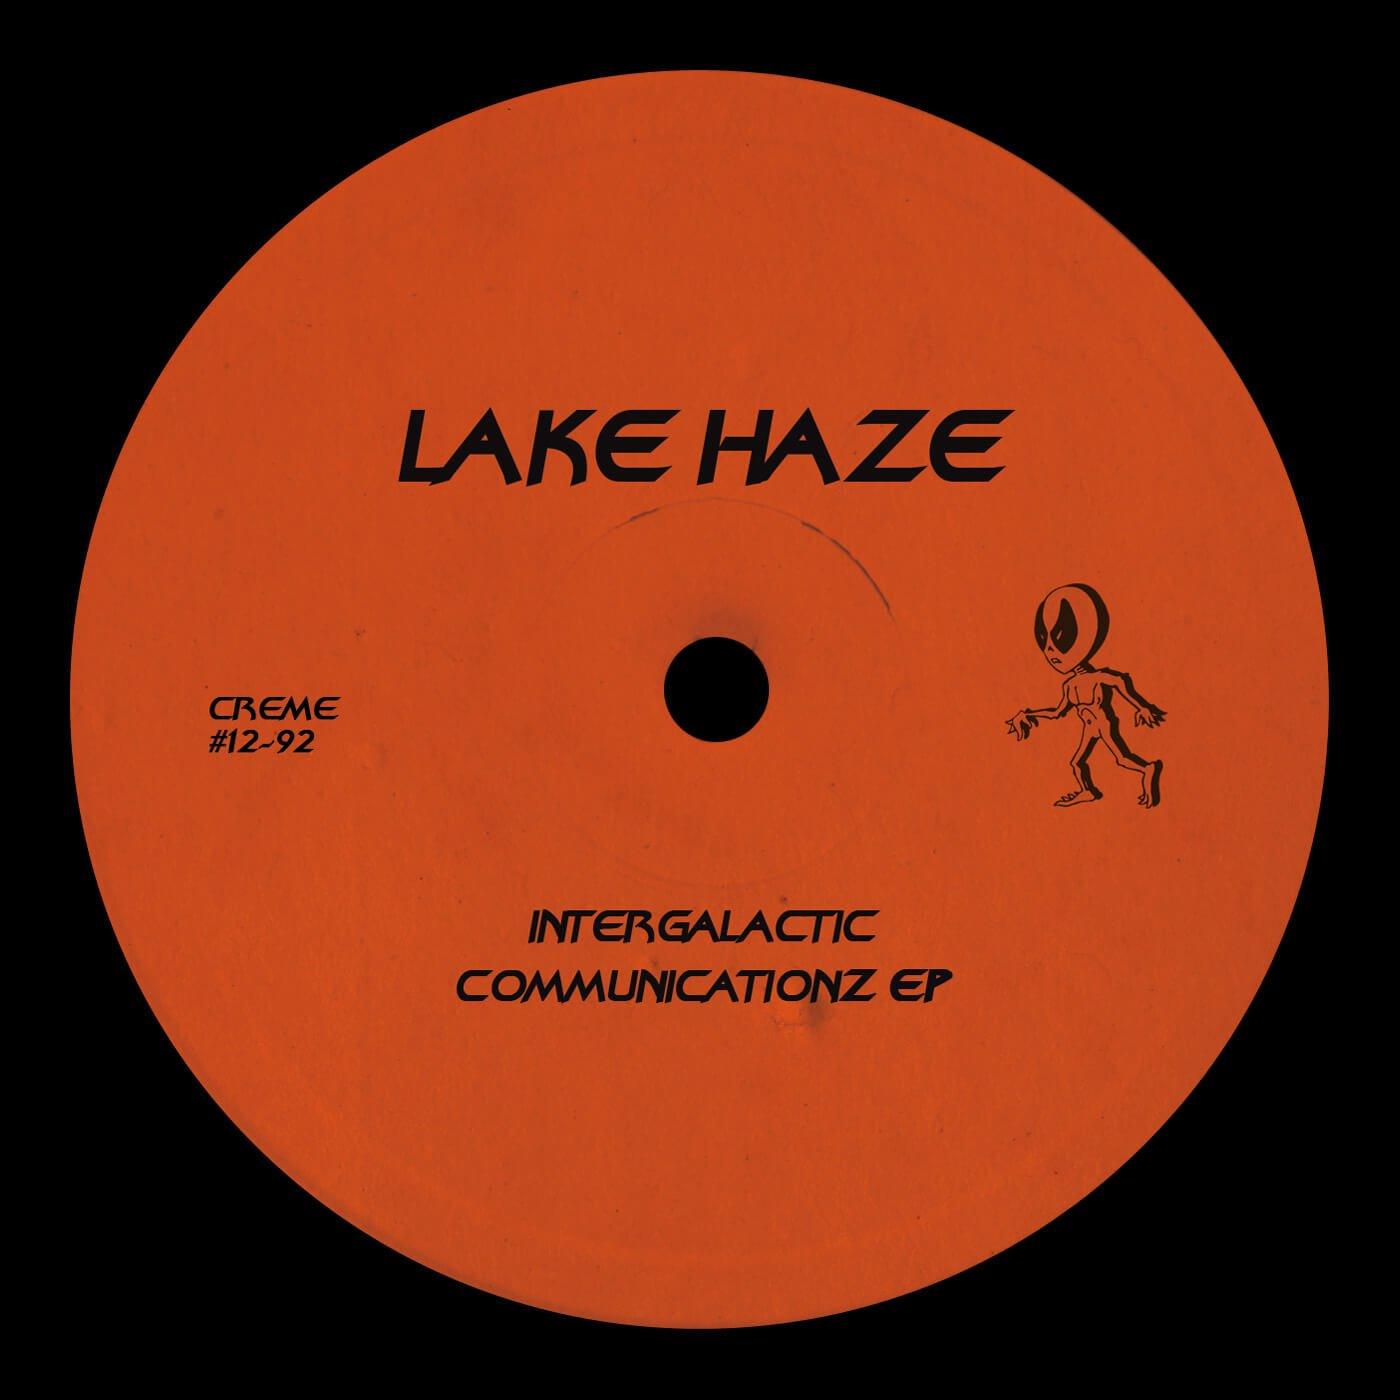 Lake Haze regresa a Creme Organization con un nuevo EP